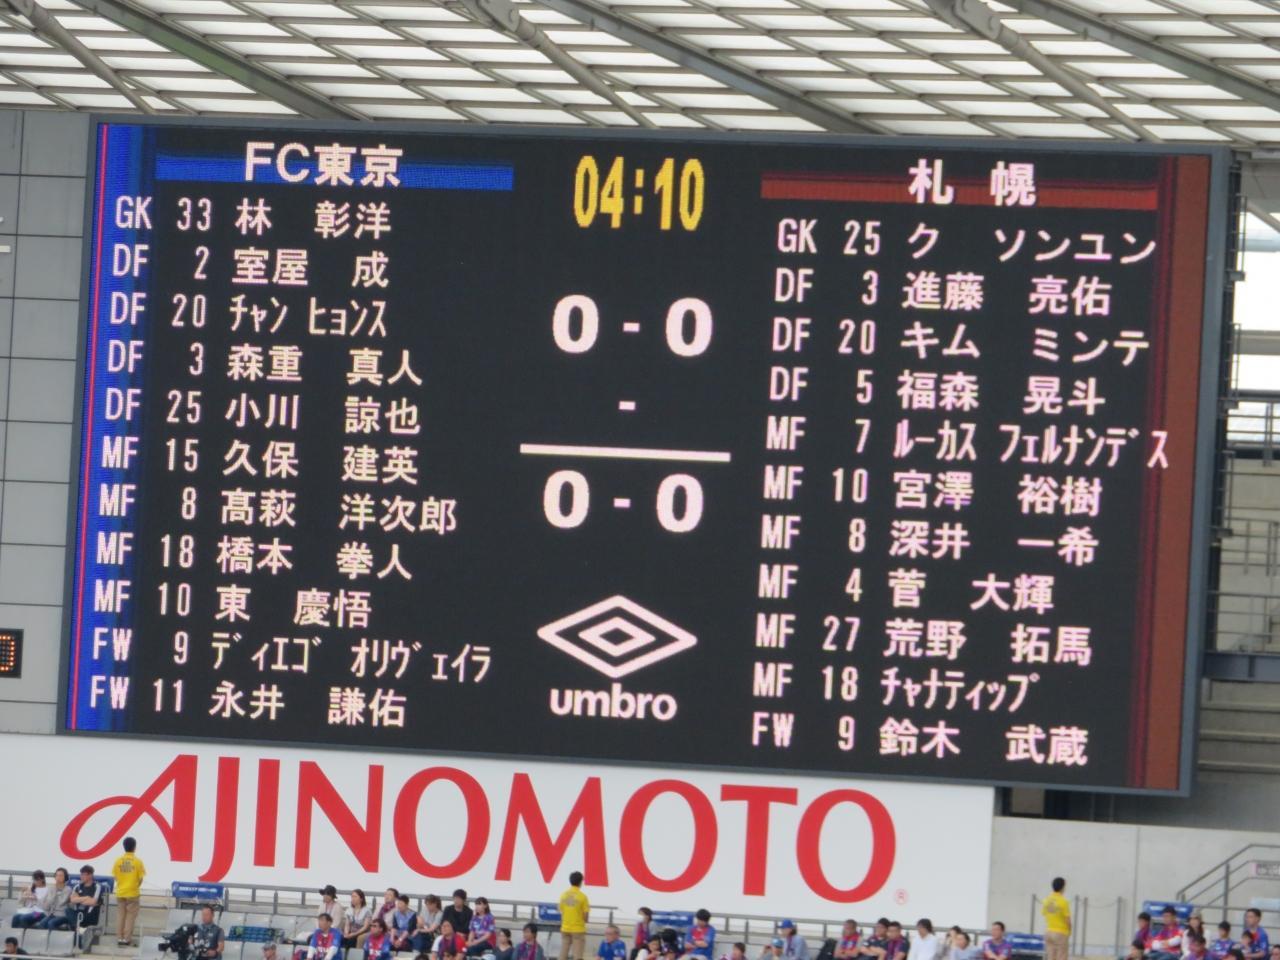 掲示板 fc 東京